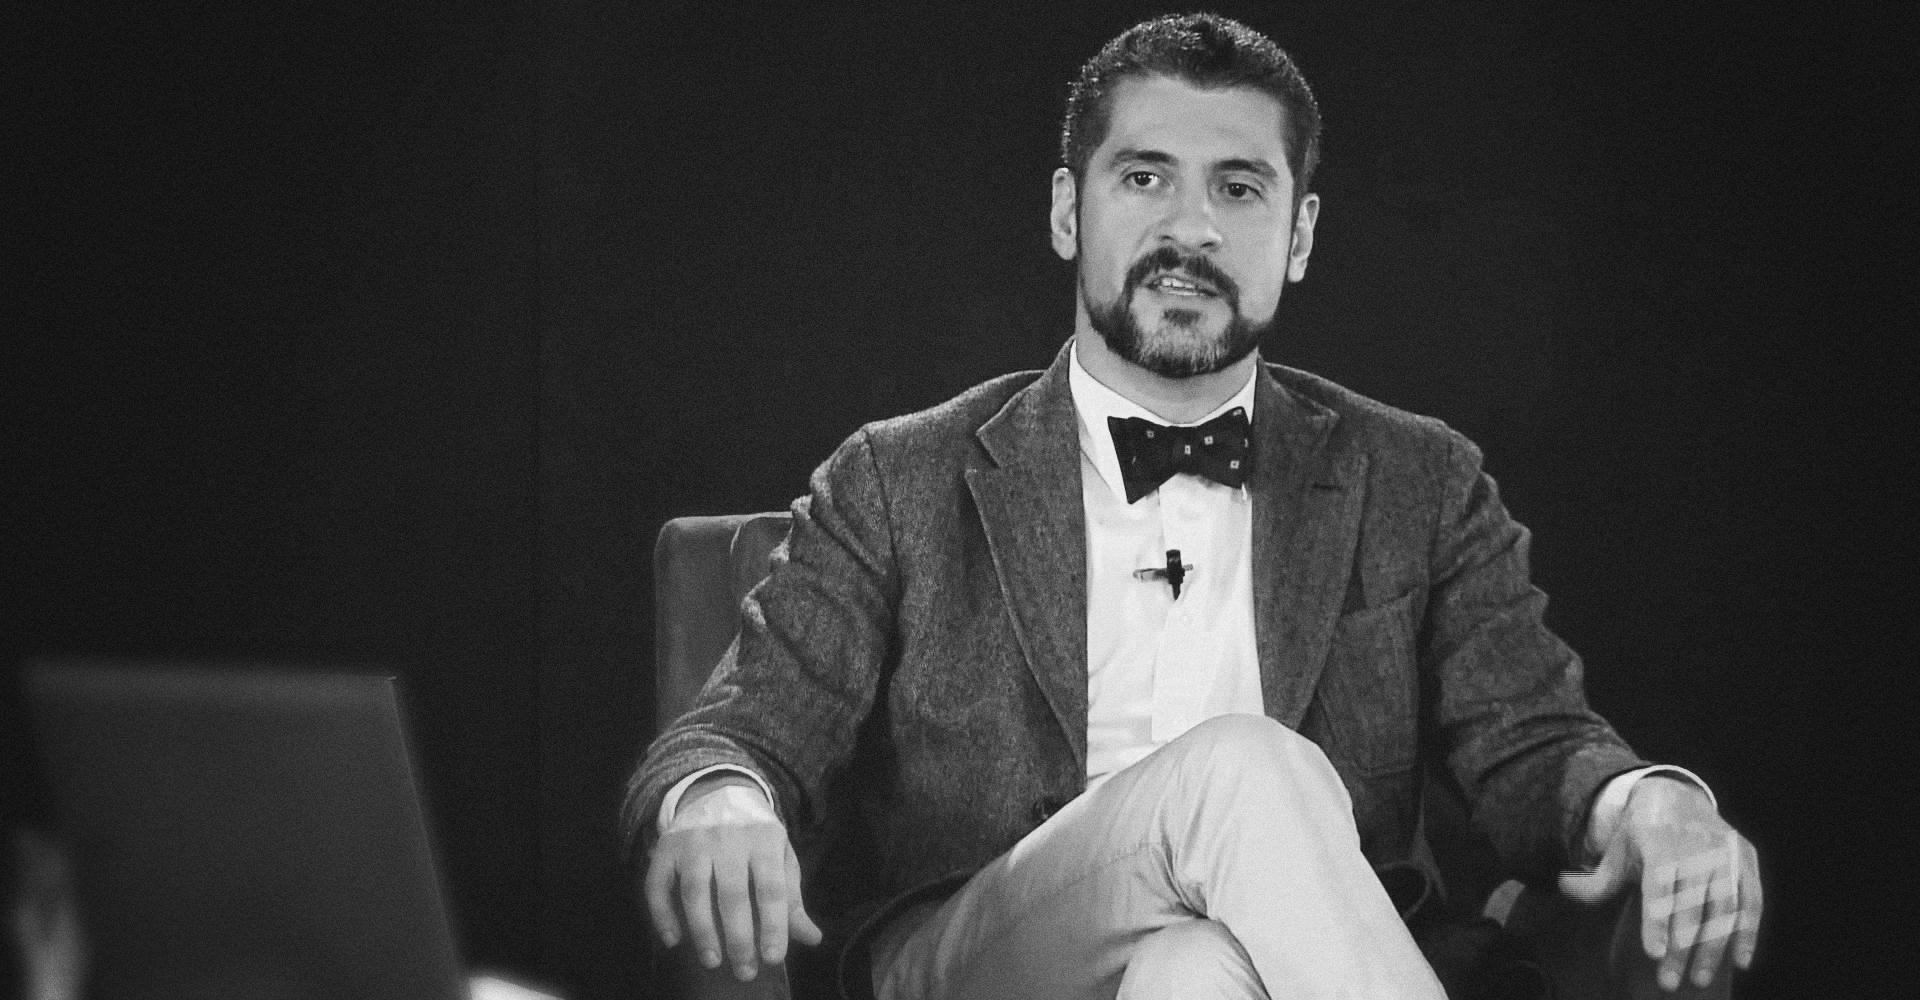 Bruno_Garschagen_Fausto_Entrevista